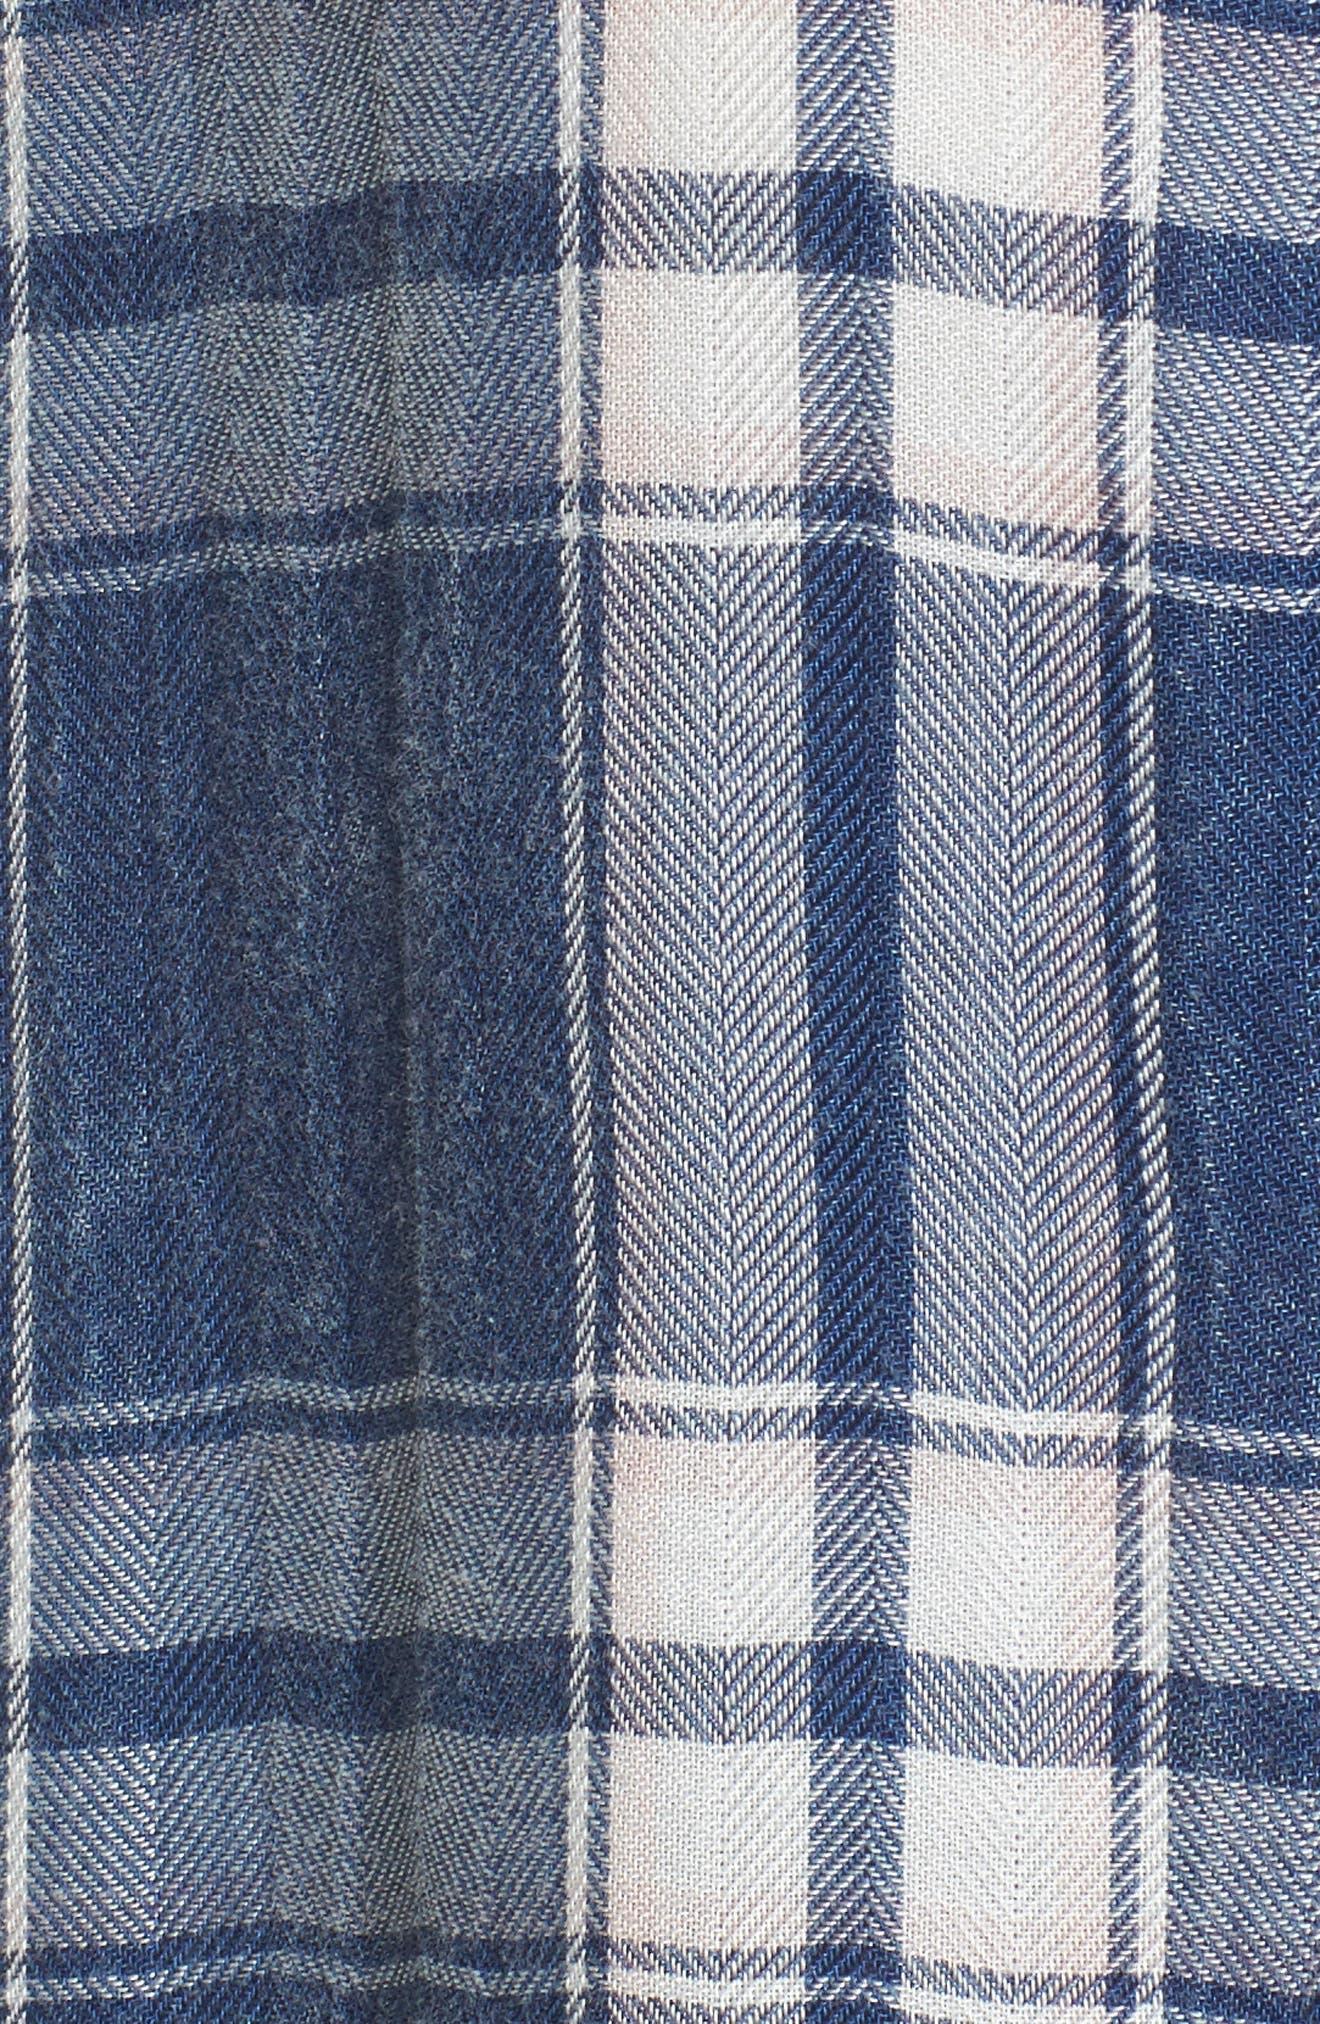 Alternate Image 5  - Rails Hunter Plaid Shirt